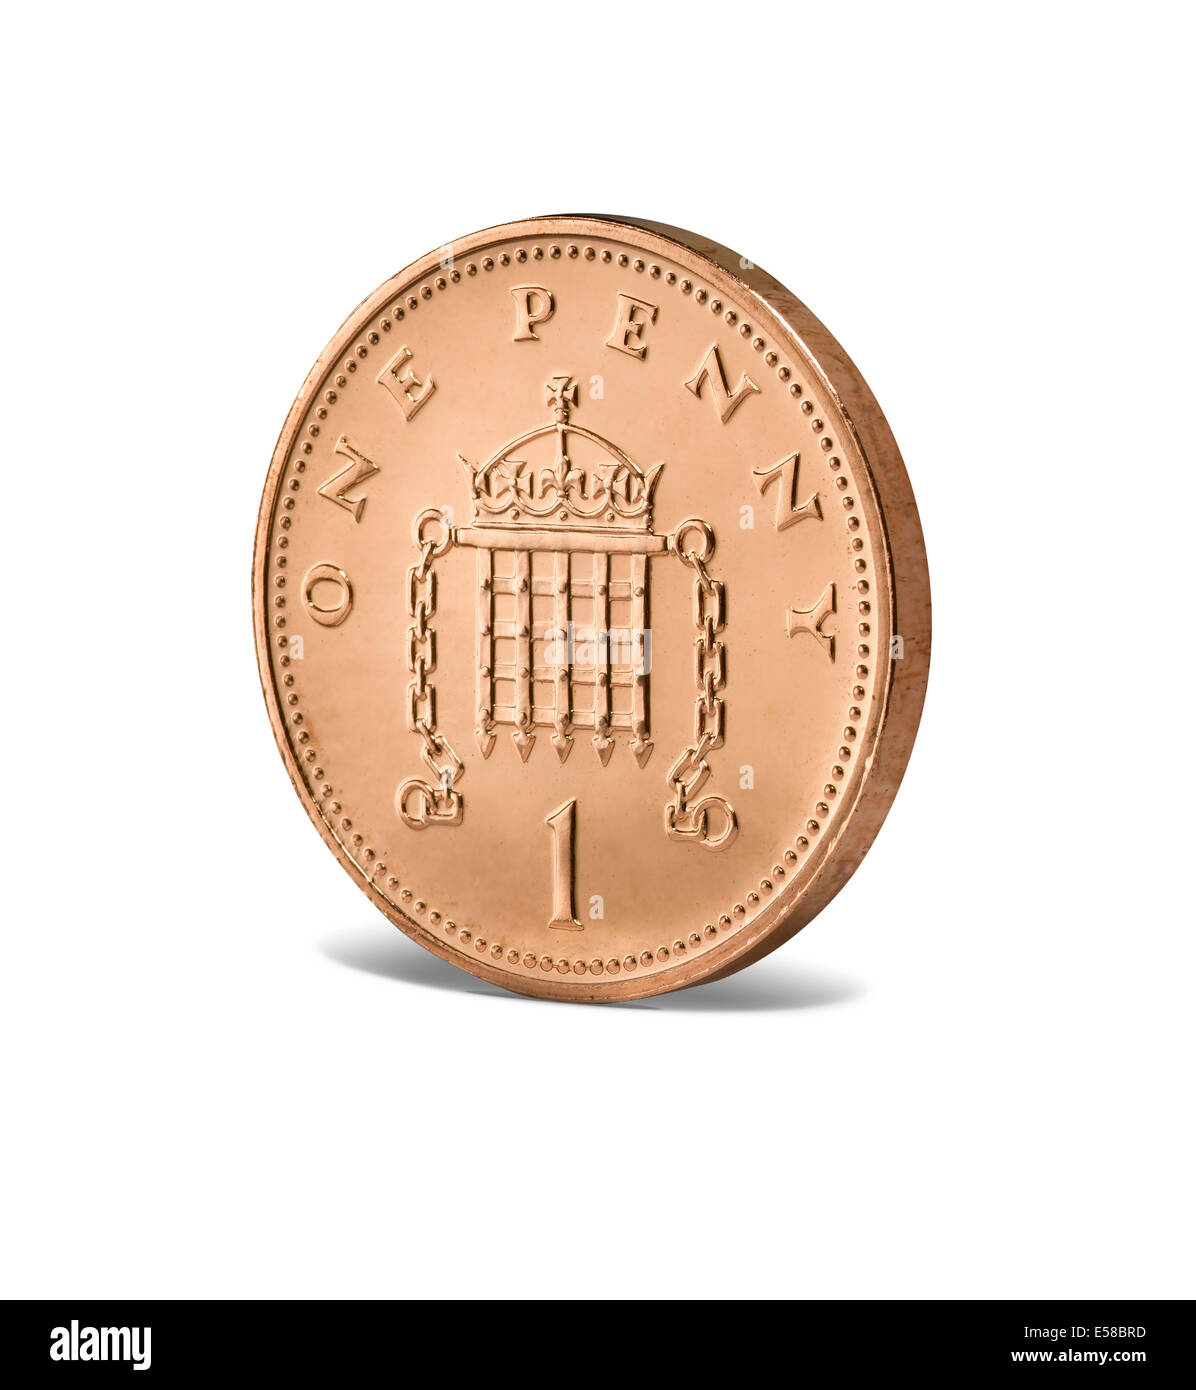 Eine neue 1 Cent-Münze Stockbild